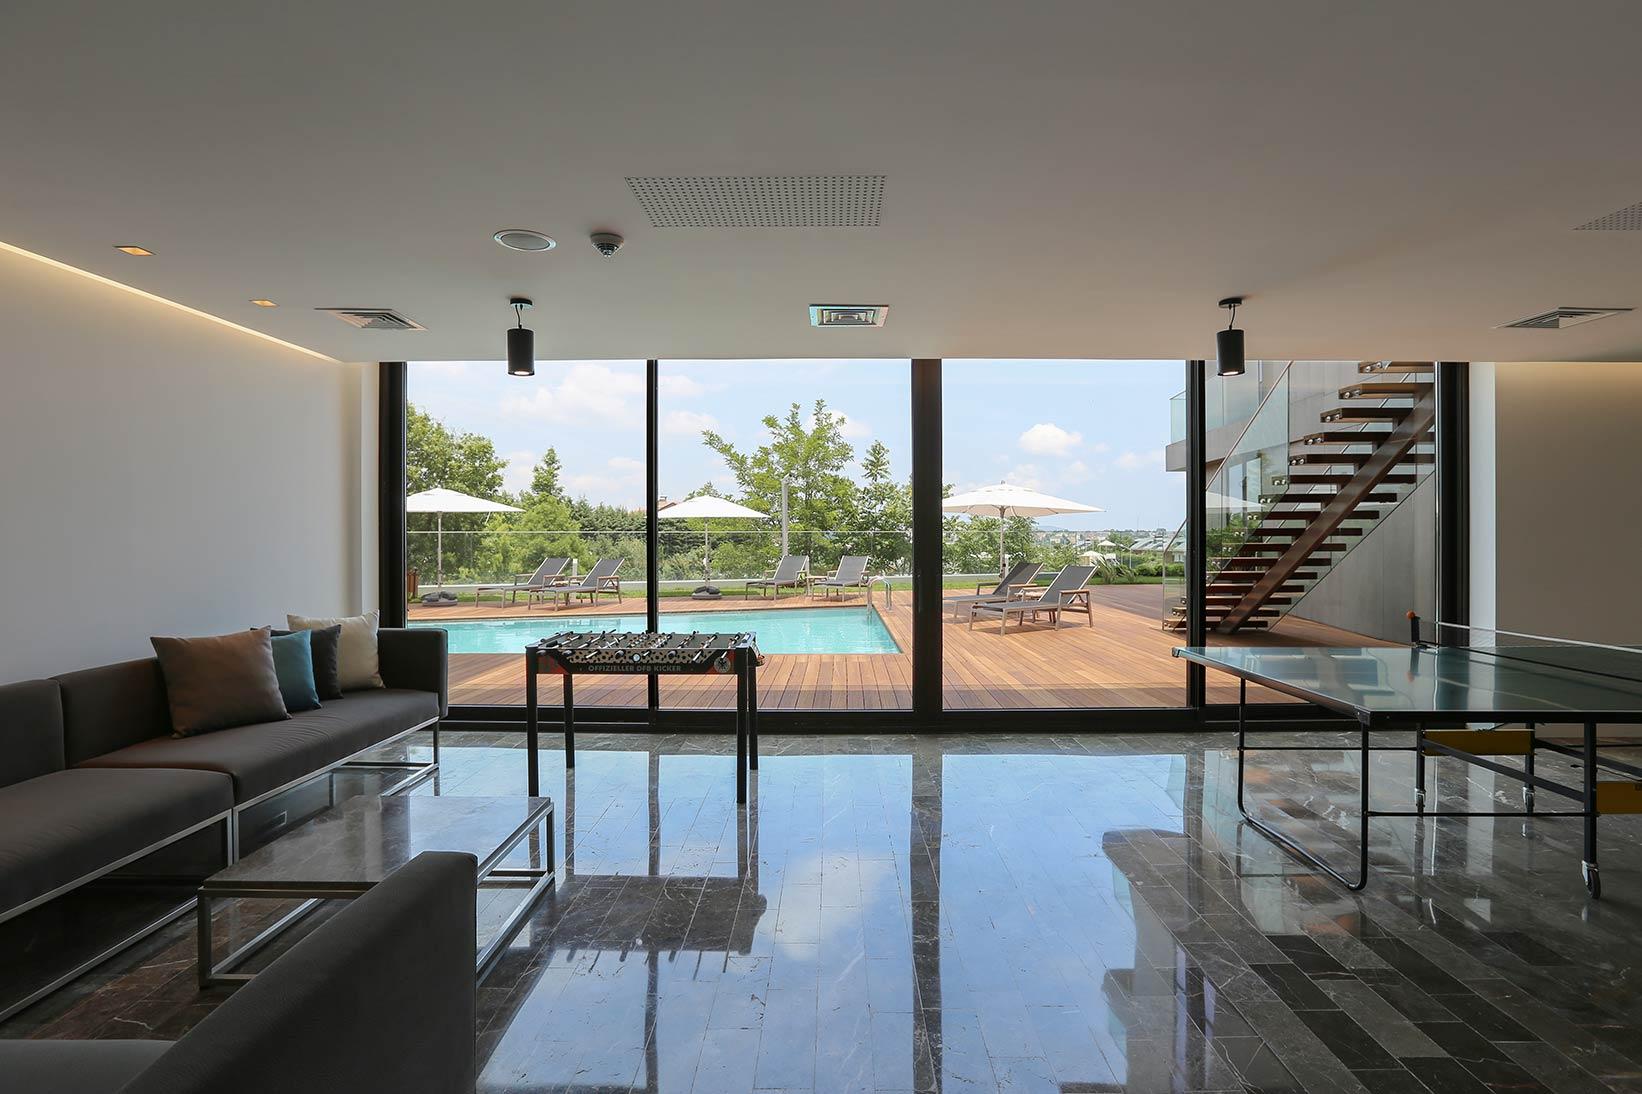 qent-istinye-porsche-design-project-luxury-9.jpg